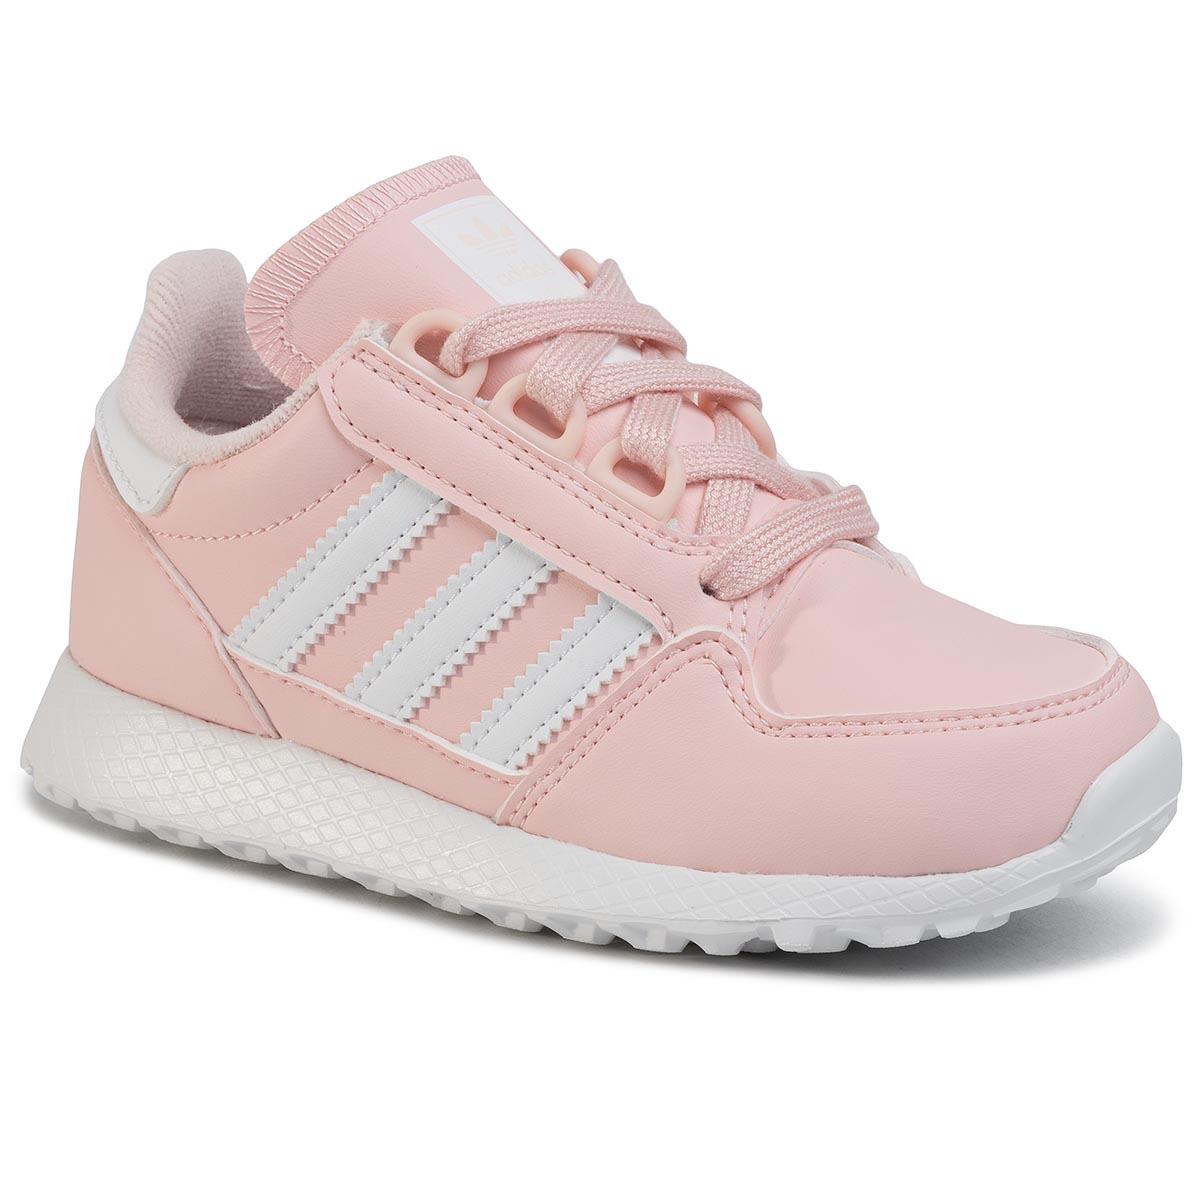 Cipő adidas Zx Flux J EG3824 IcepnkIcepnkFtwwht